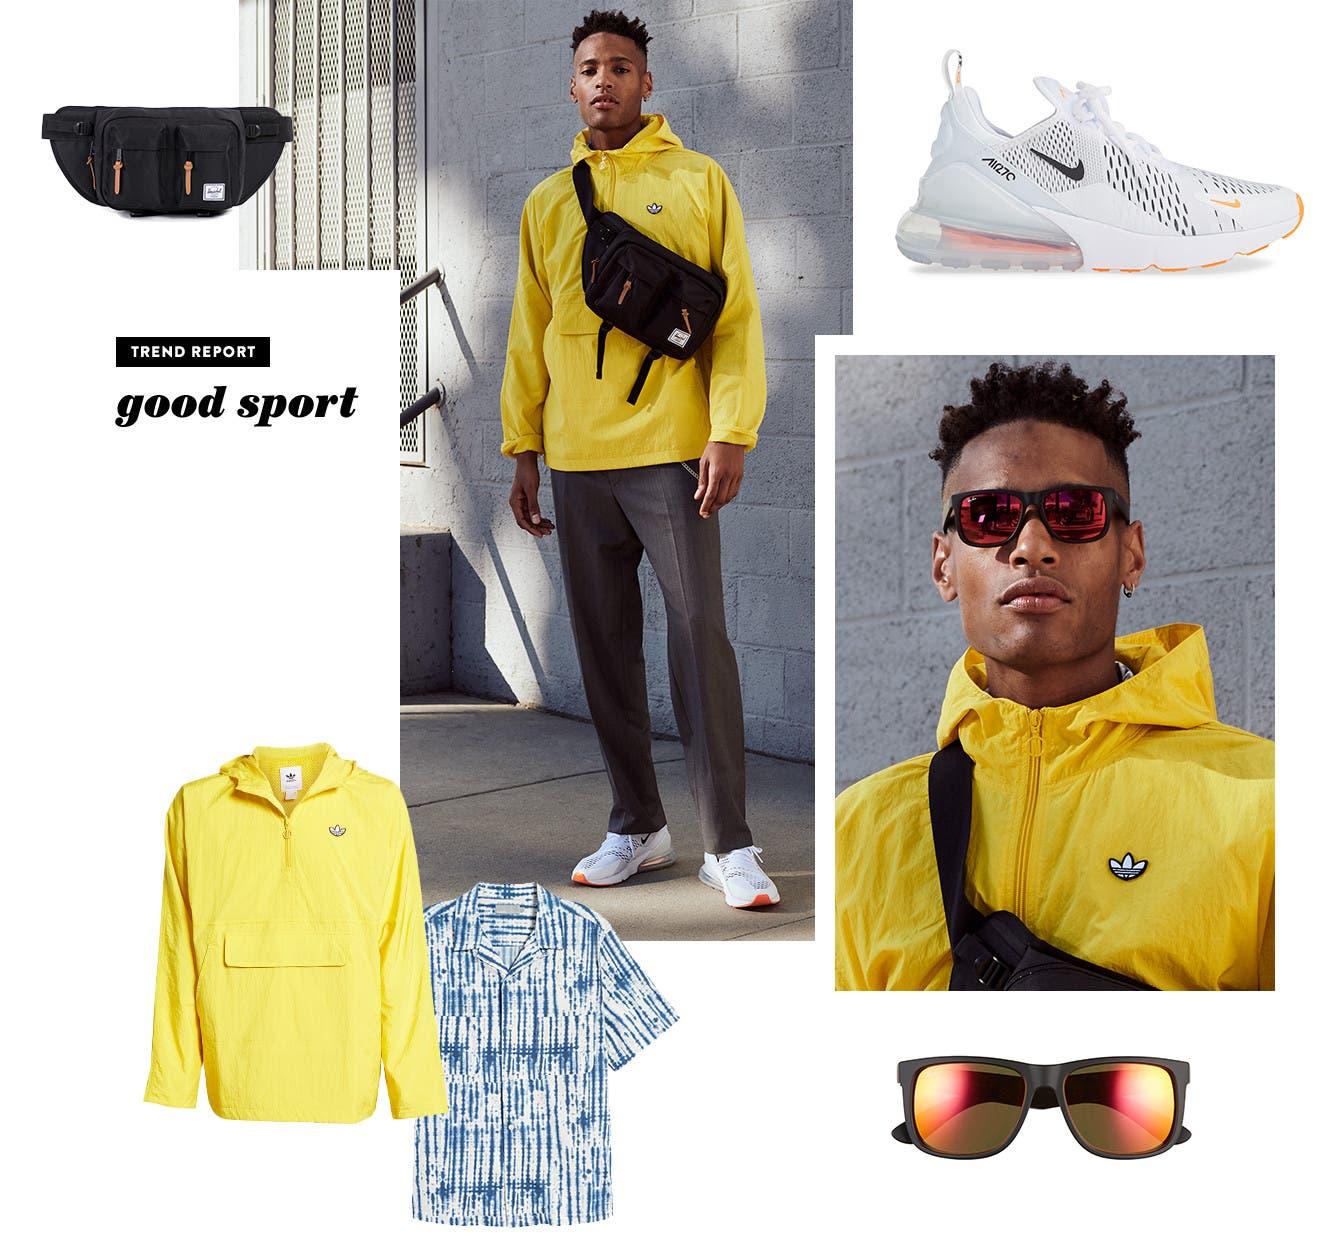 Men's what's now trend: Good Sport.